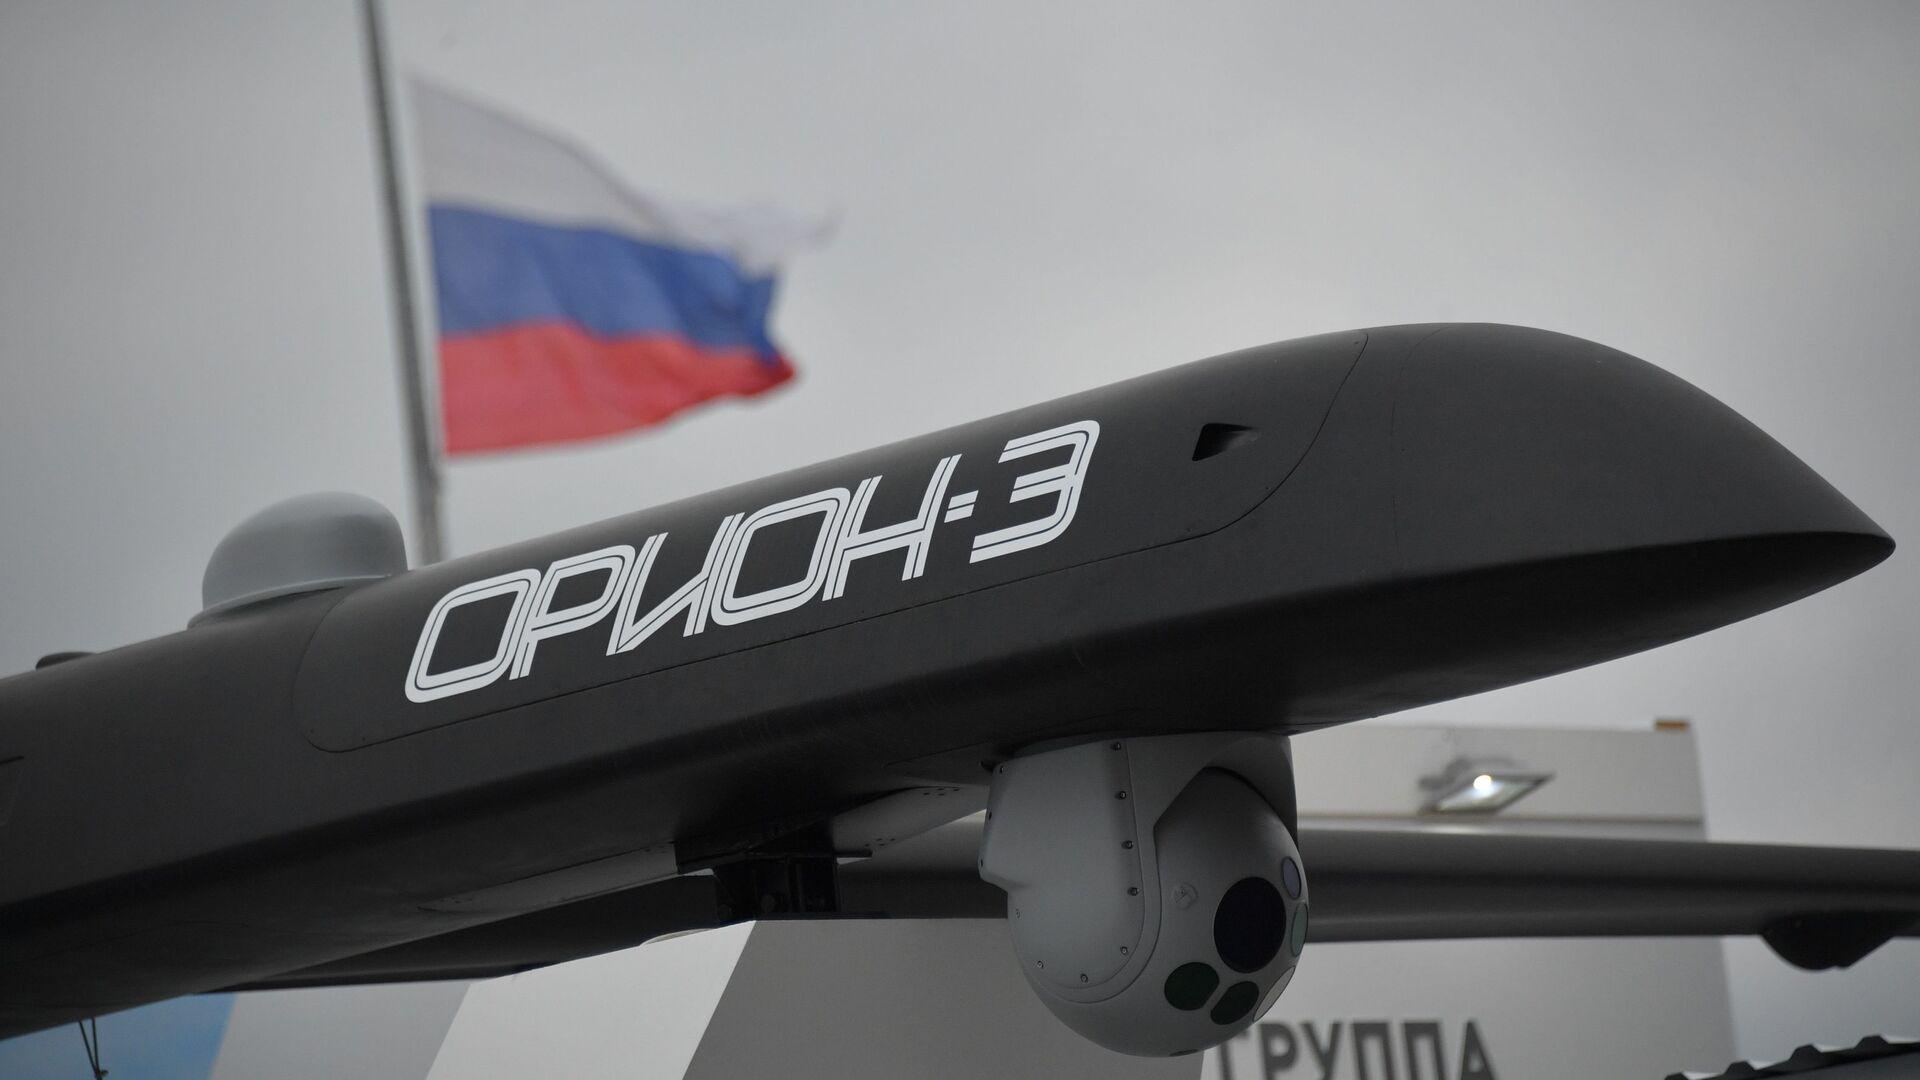 Ruský dron Orion - Sputnik Česká republika, 1920, 28.12.2020